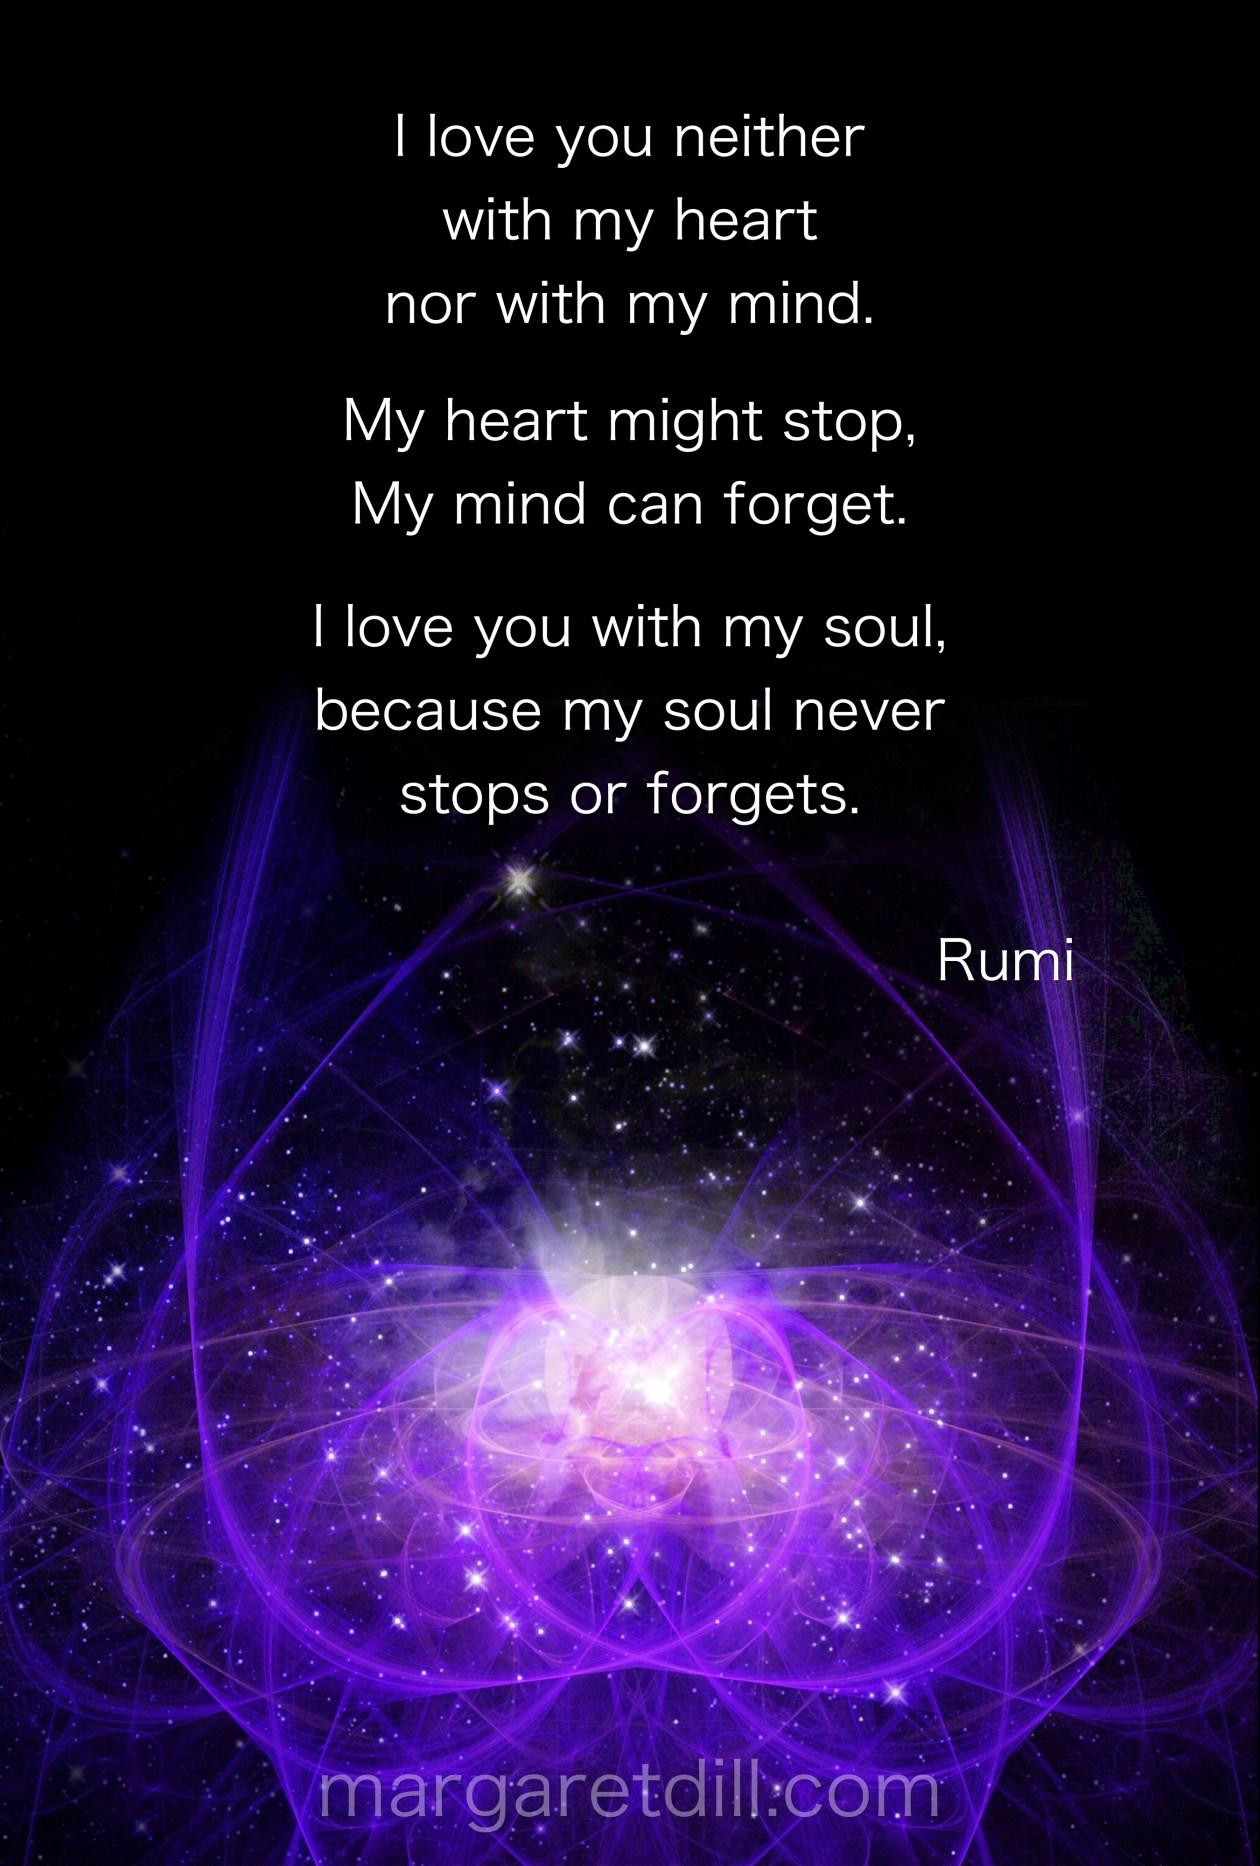 I love you Rumi Quote #wordsofwisdom #spiritualquotes #positivequotes #Rumi #margaretdill